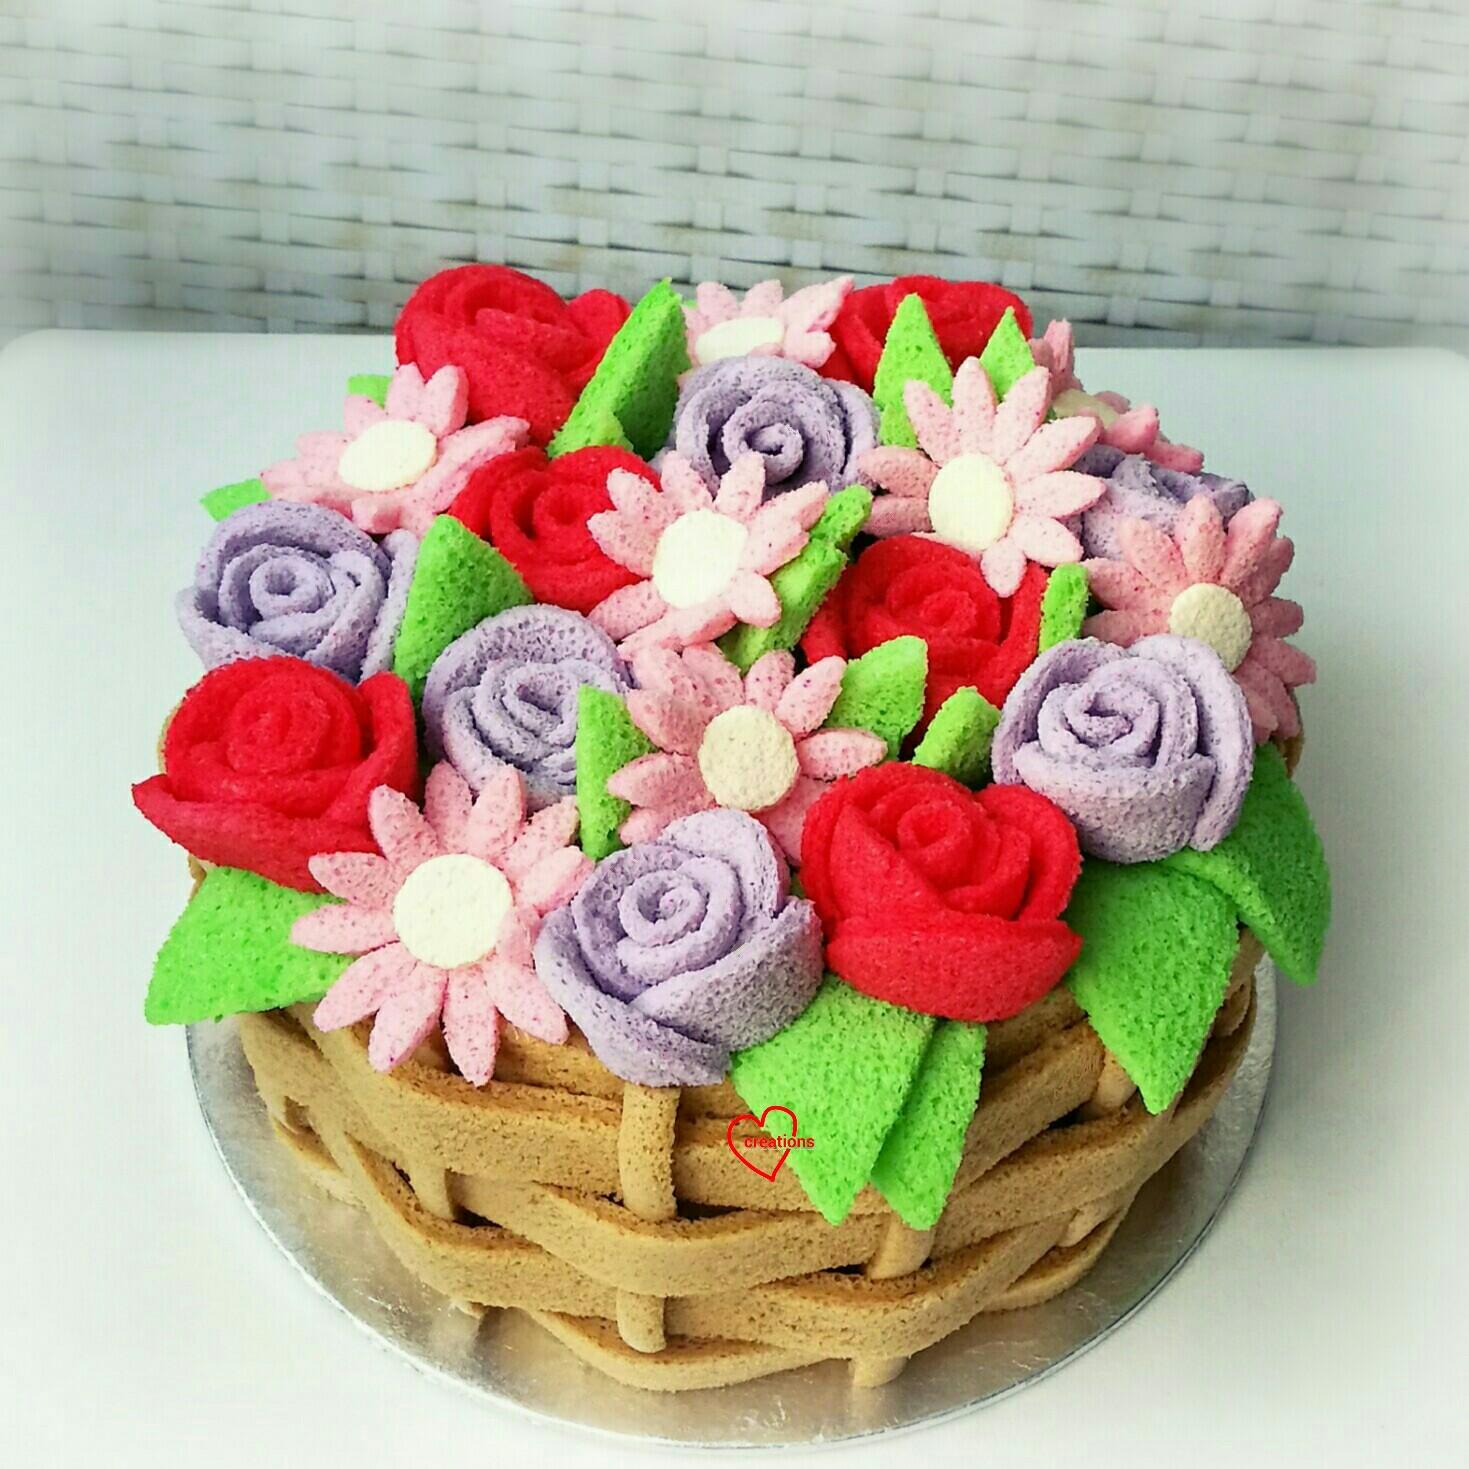 loving creations for you coconut gula melaka basket of flowers